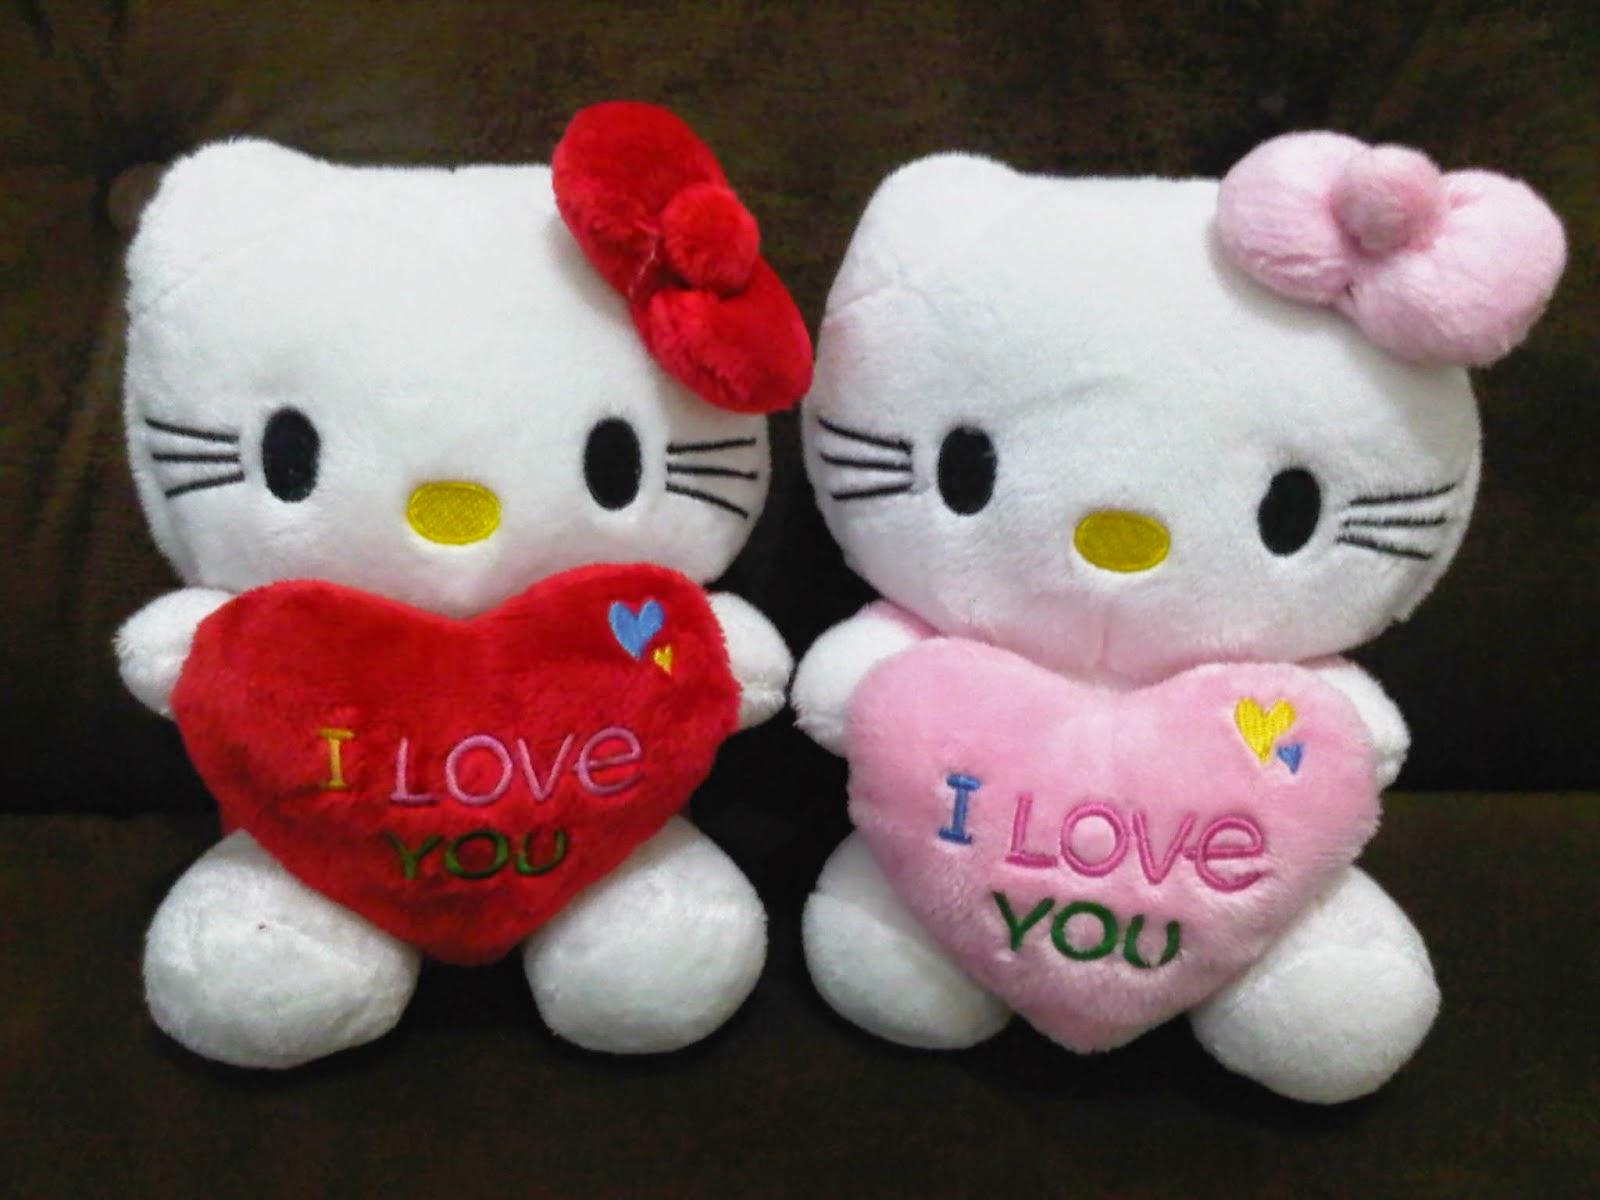 Koleksi Gambar Lucu Boneka Hello Kitty Berpasangan Terbaru Untuk